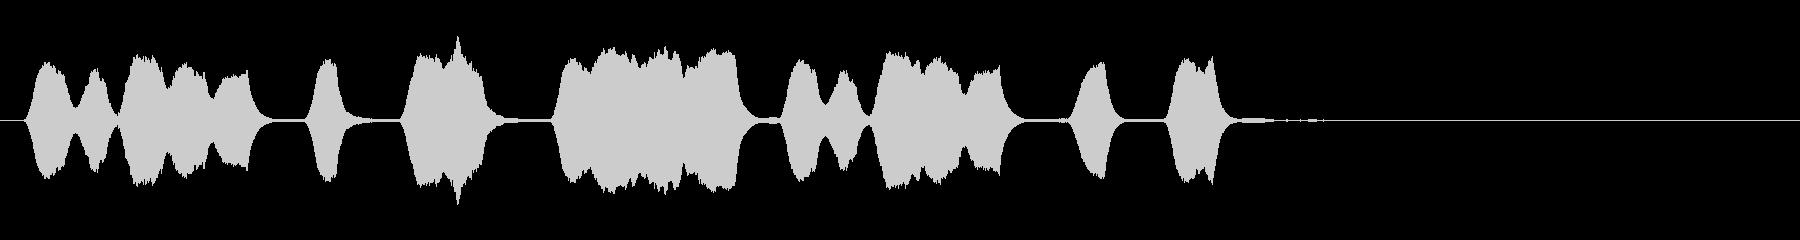 ジングル 口笛 軽快 愉快の未再生の波形